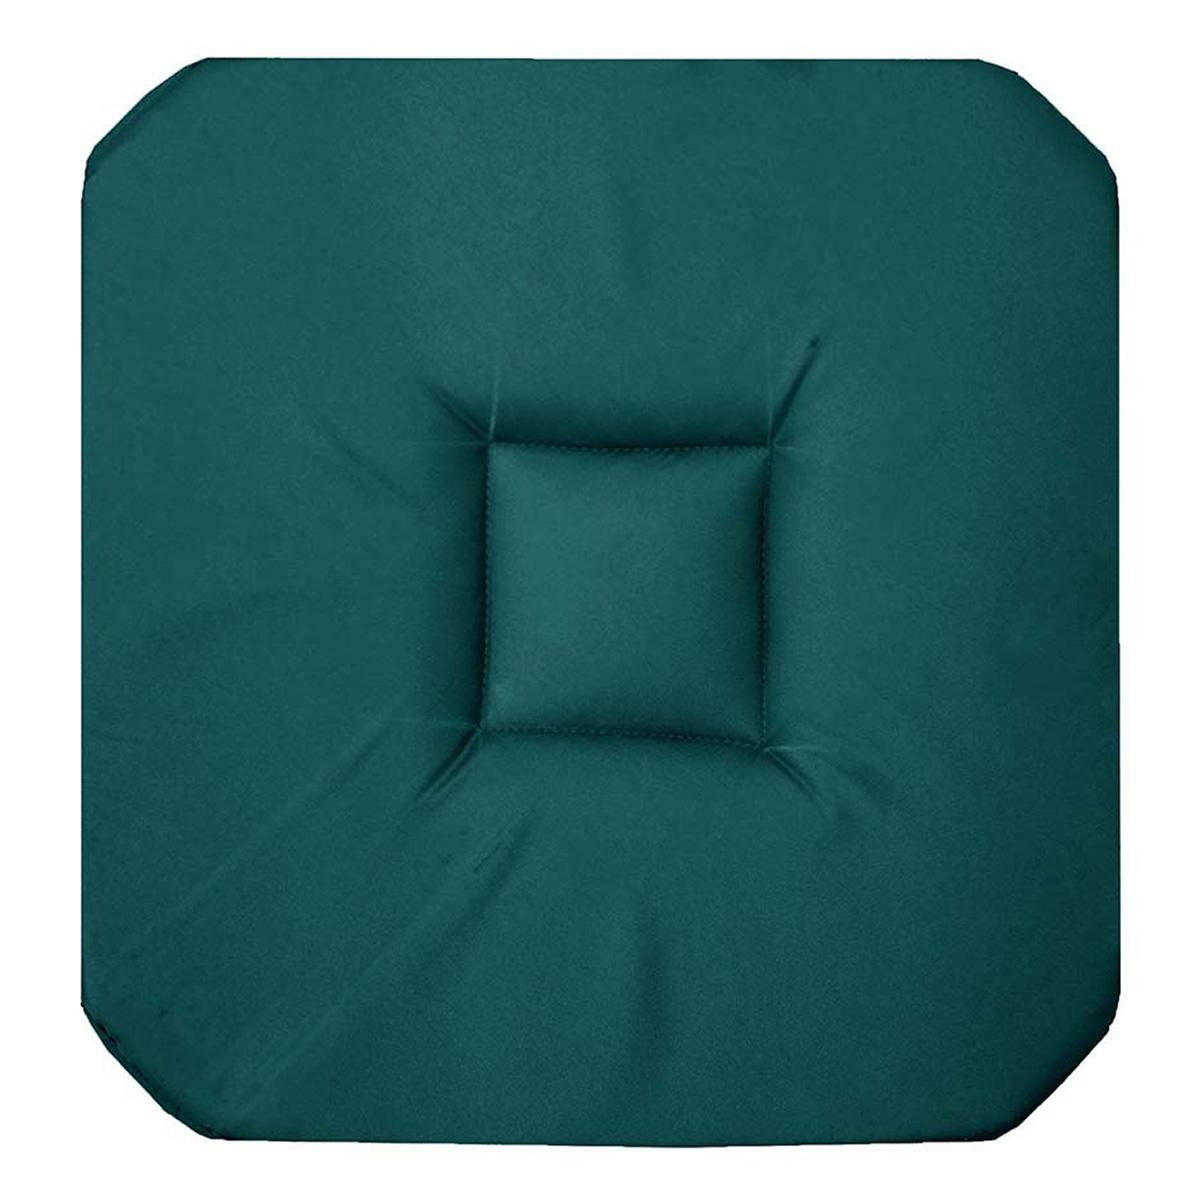 Galette de chaise unie colorée coton emeraude 36x36